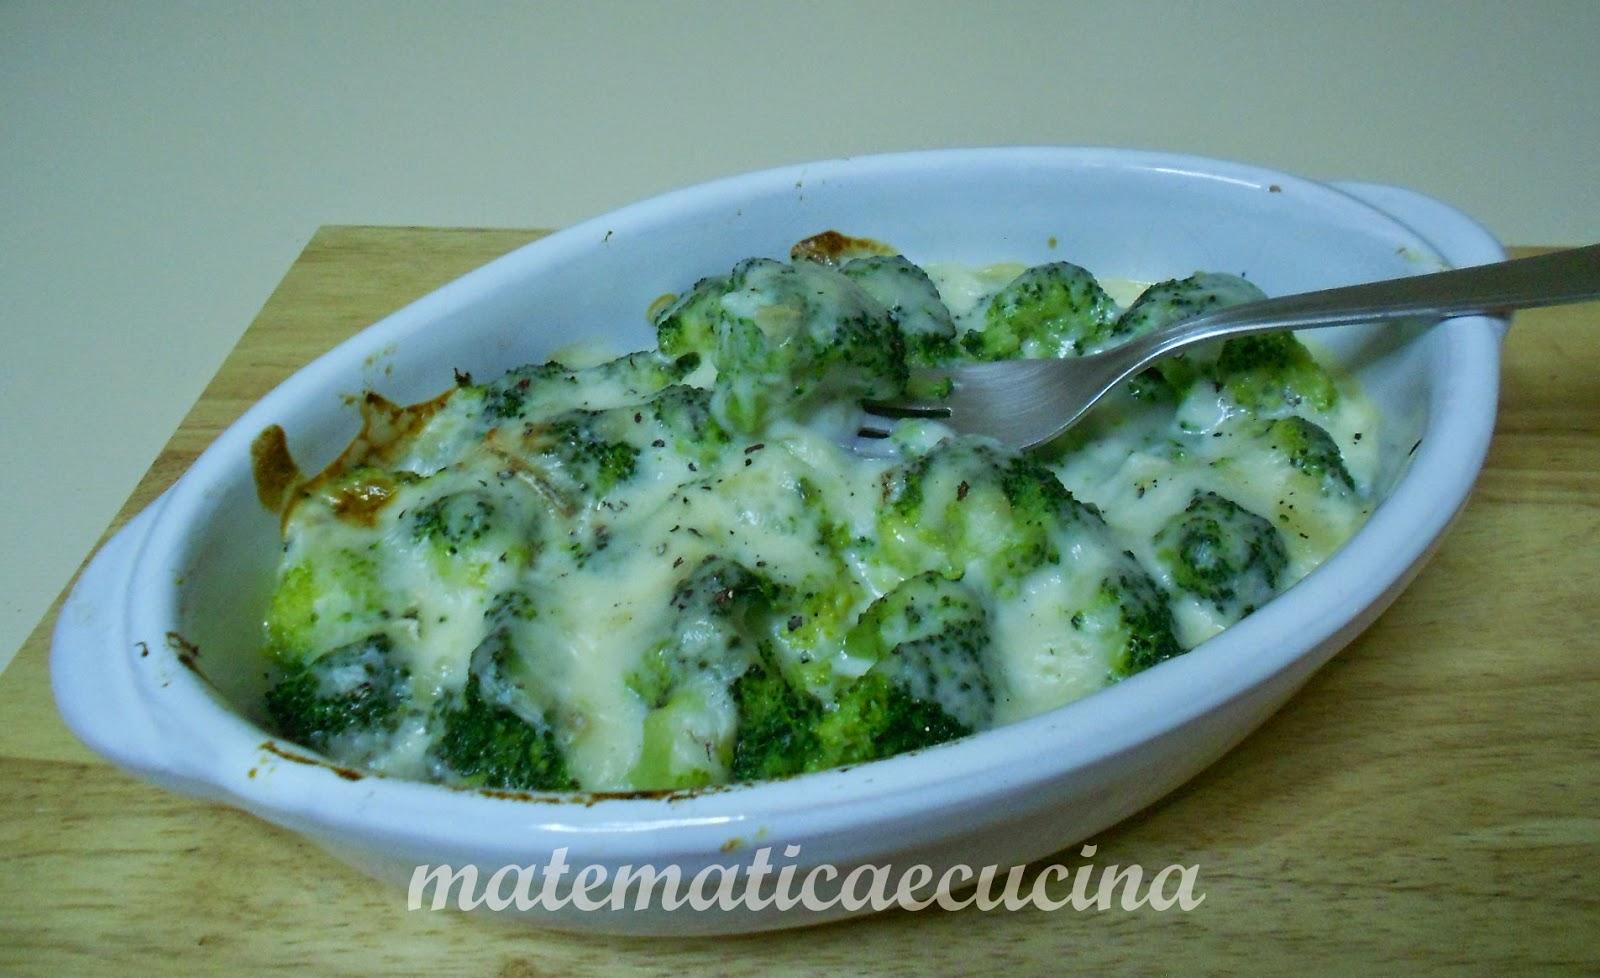 broccoli gratinati al forno con taleggio e besciamella